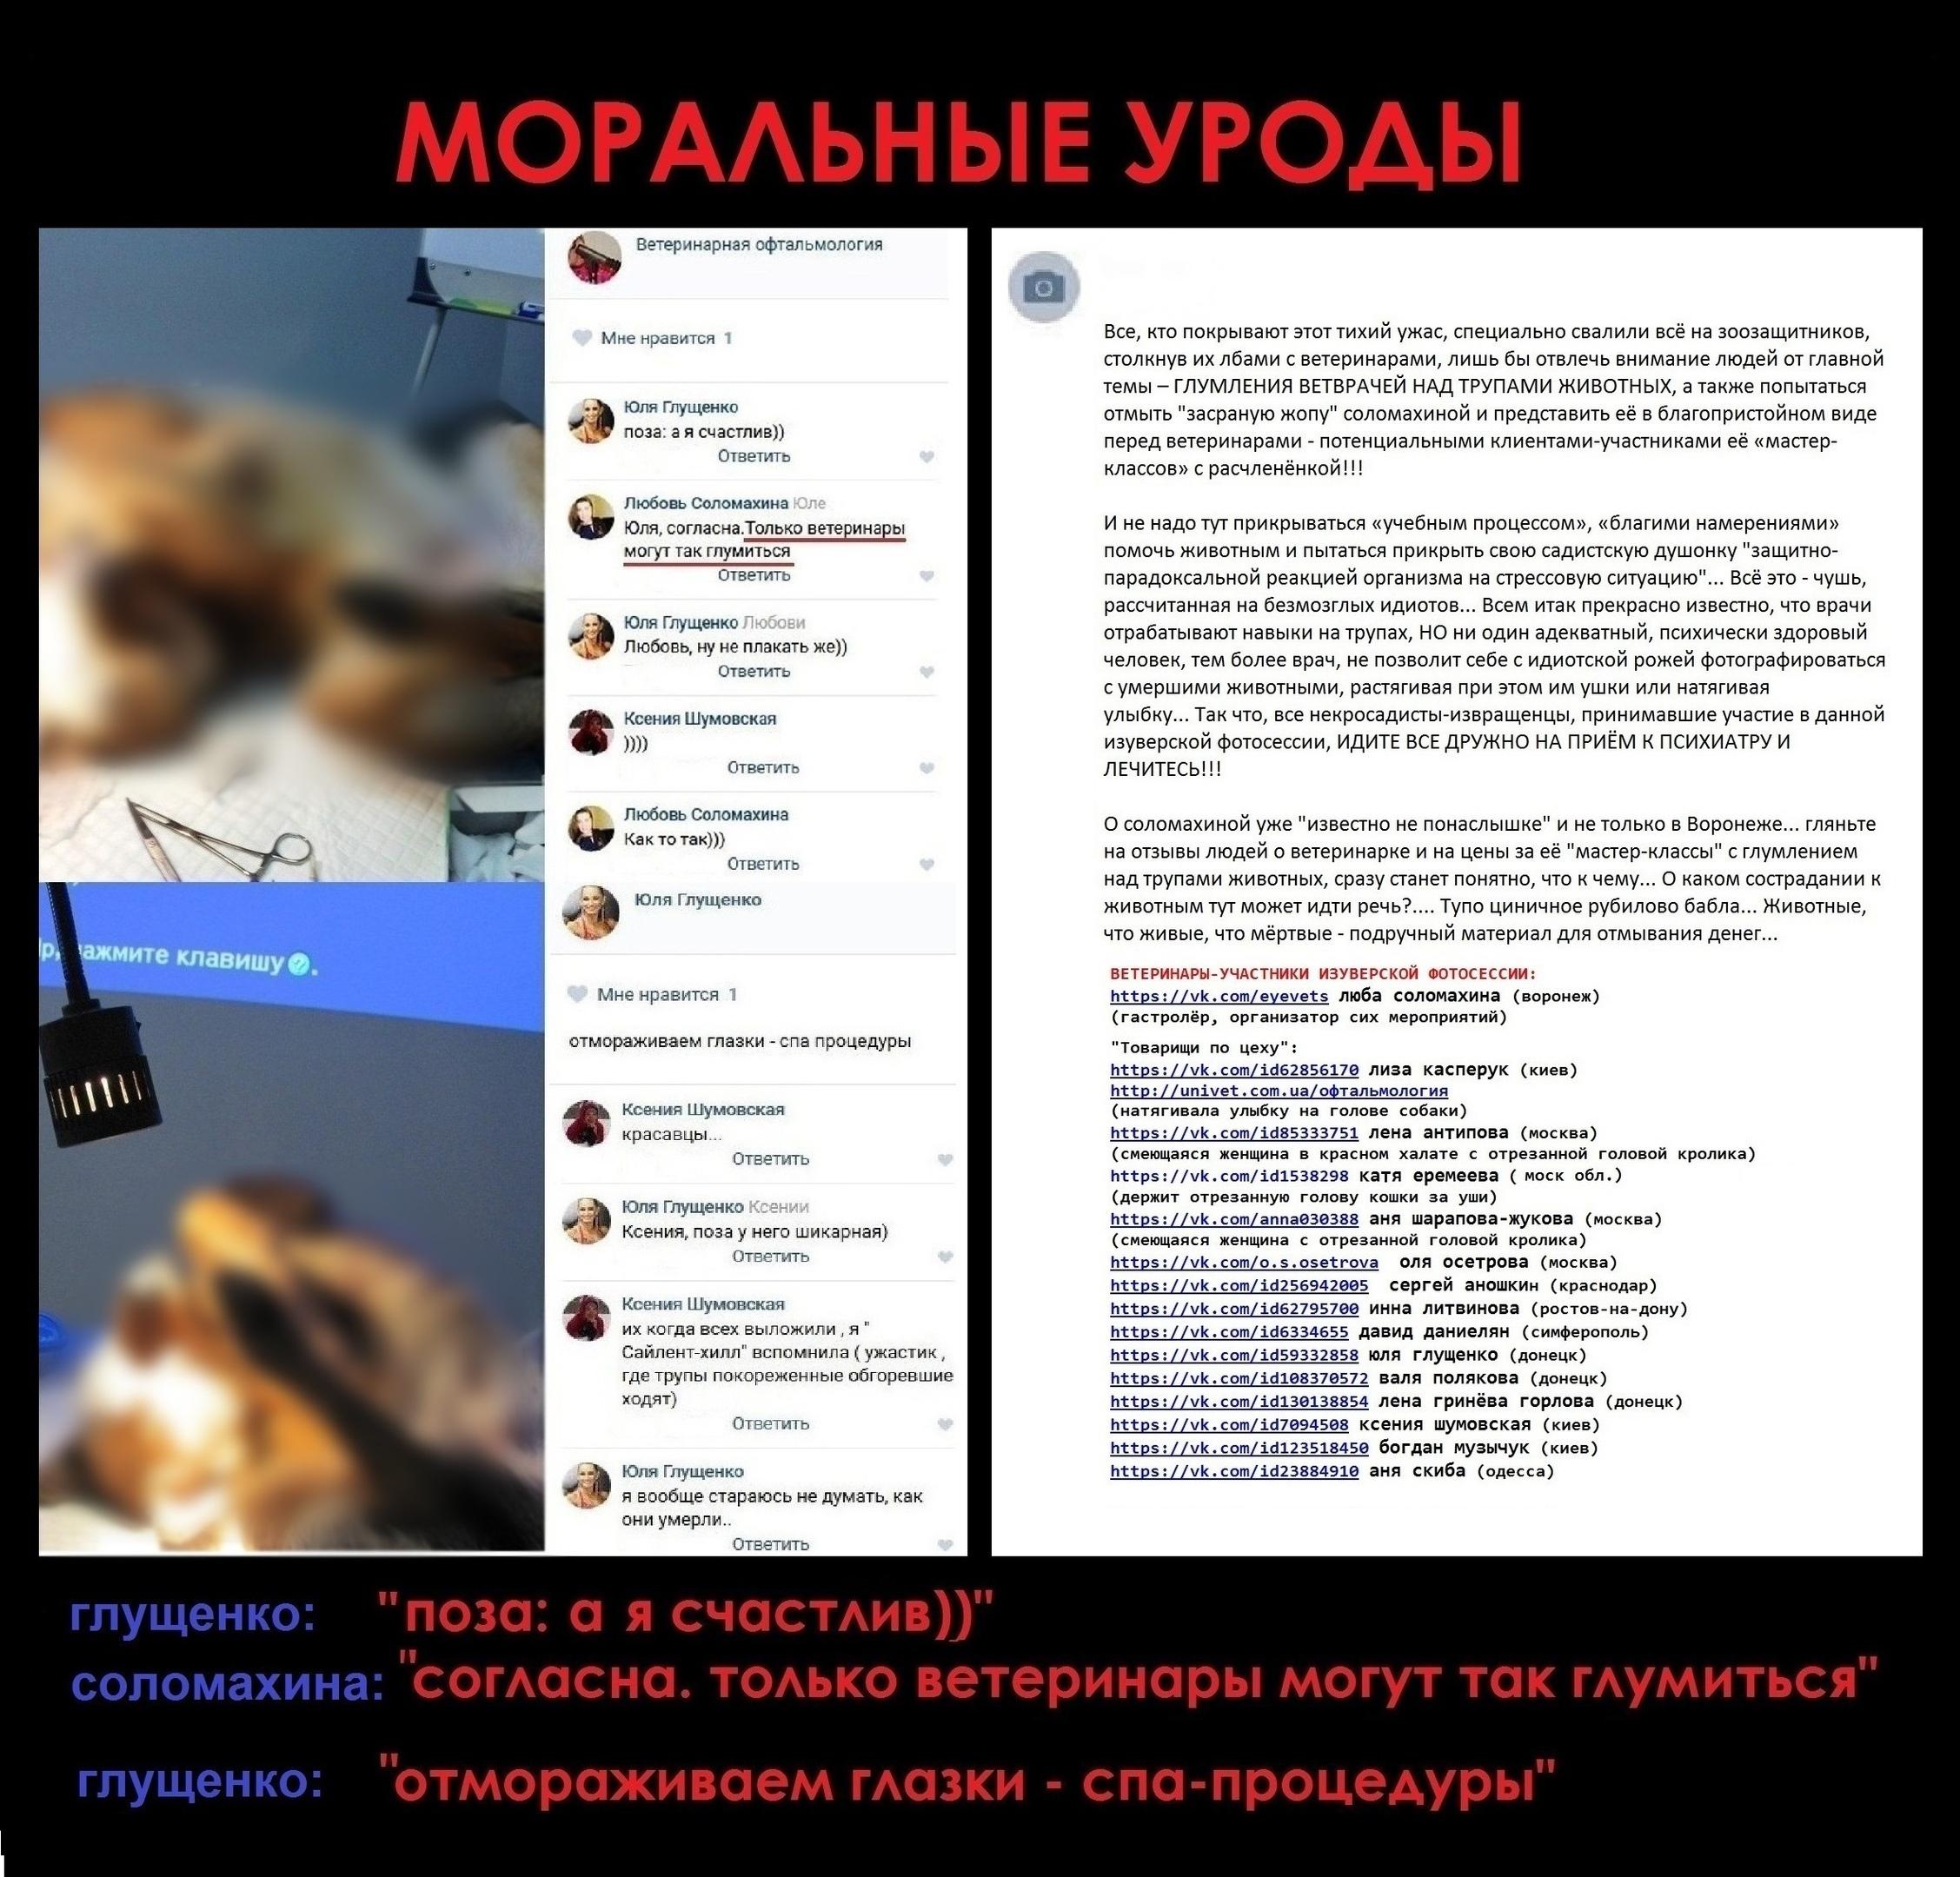 18+ ВЕТЕРИНАРА-ОФТАЛЬМОЛОГА Л.СОЛОМАХИНУ (г.ВОРОНЕЖ)— ОБХОДИТЬ СТОРОНОЙ!!!, изображение №17